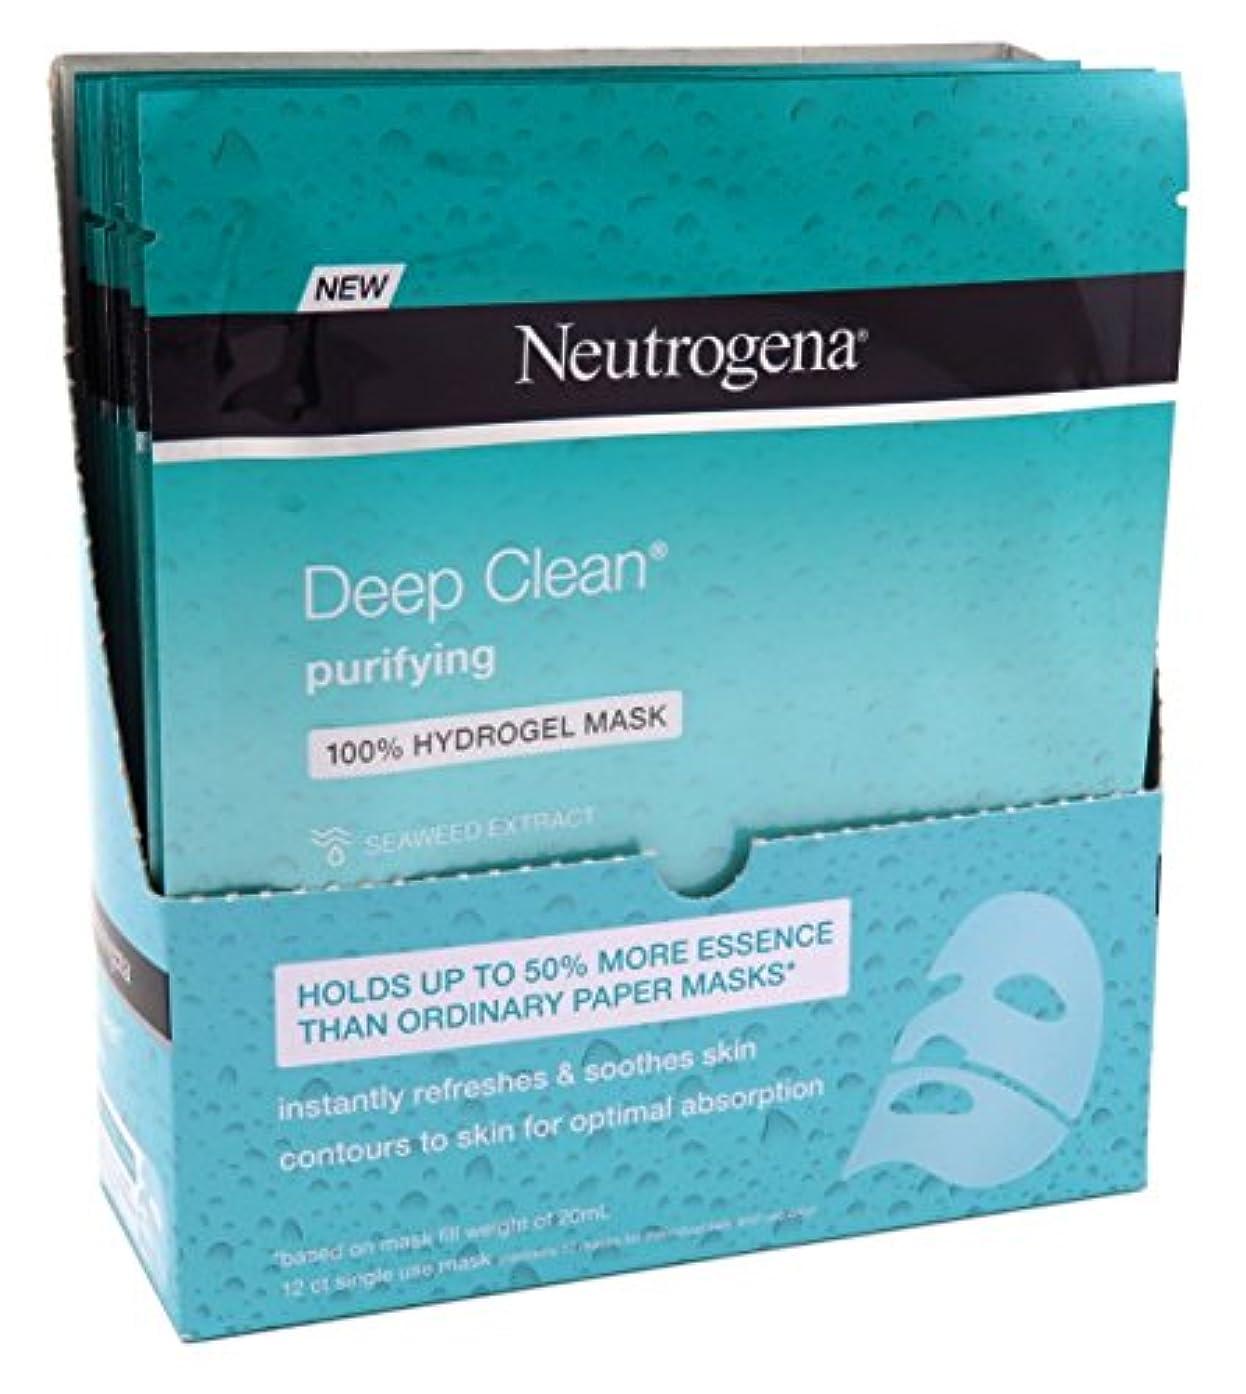 ロゴヒロイック副Neutrogena ディープクリーンPurifyのヒドロゲルは、1オンス(12個)(30ML)をマスク